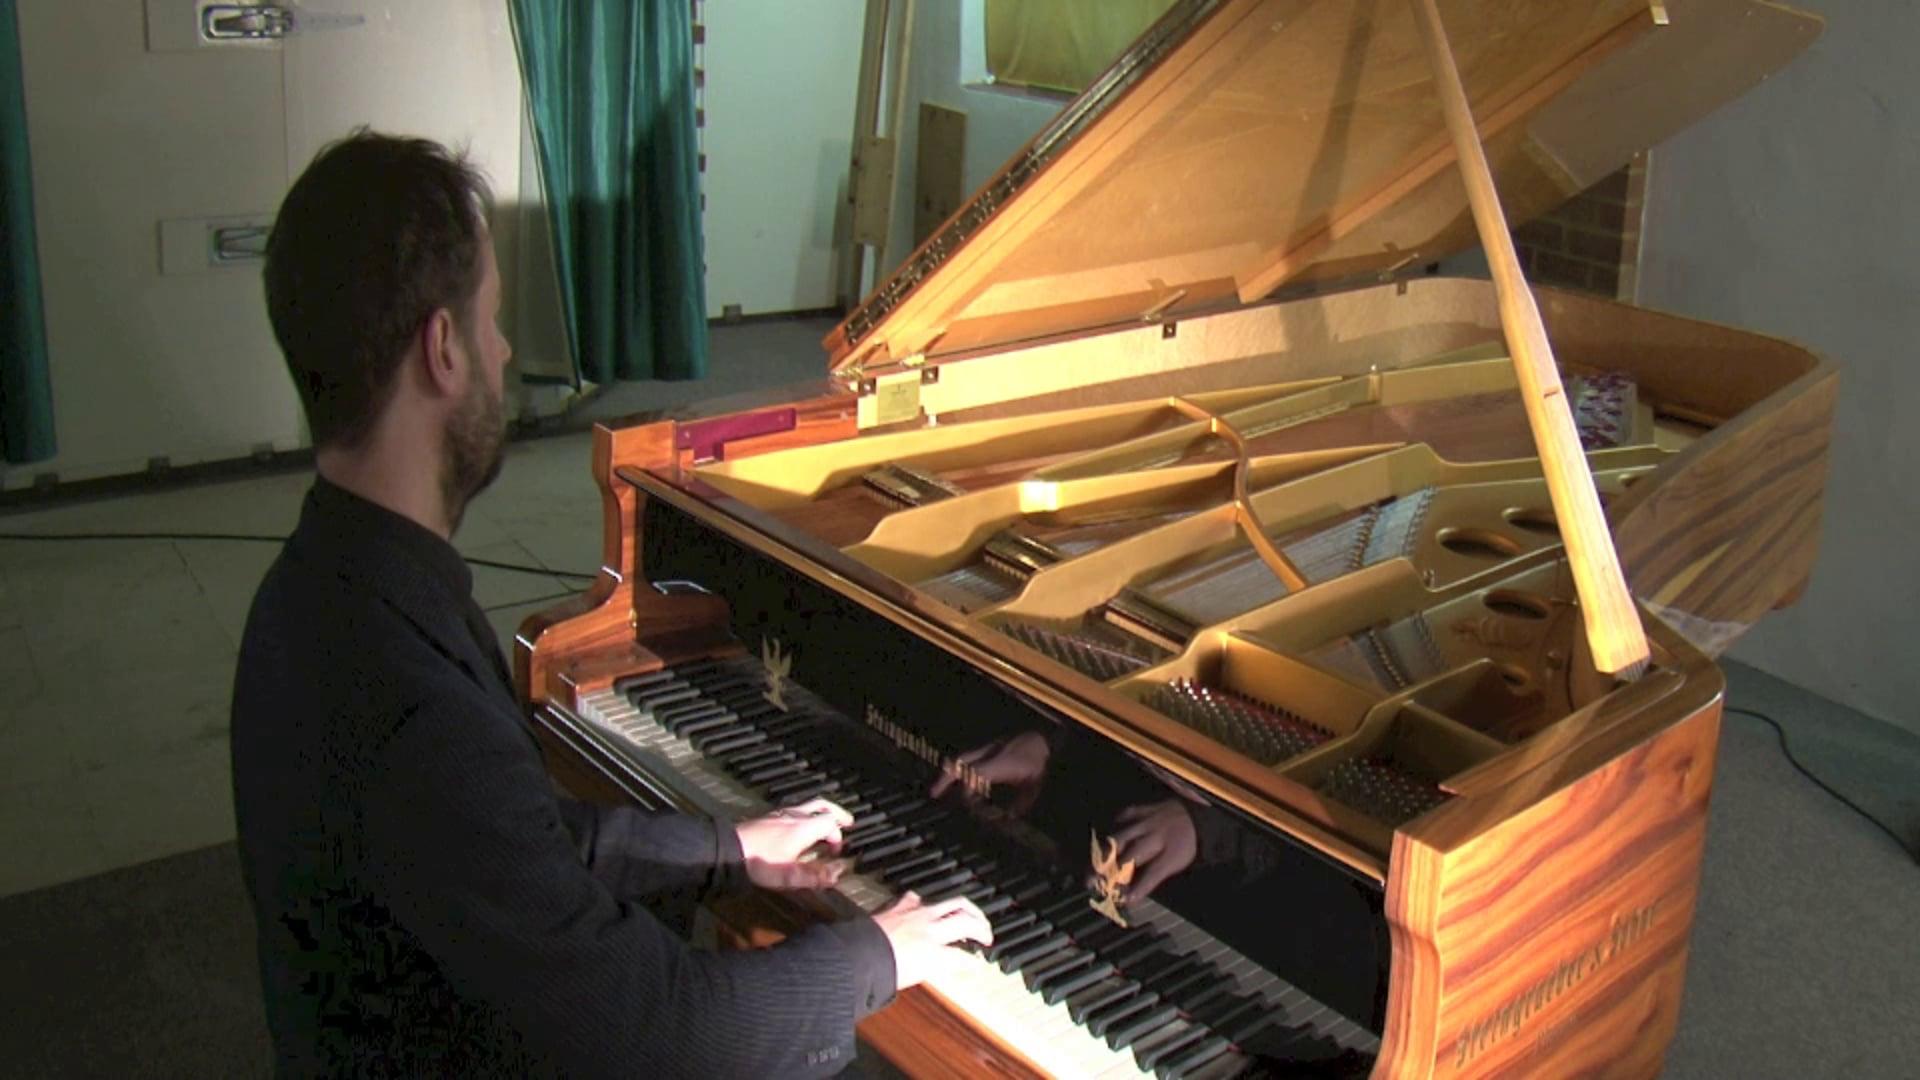 Gnossienne No. 5, Satie